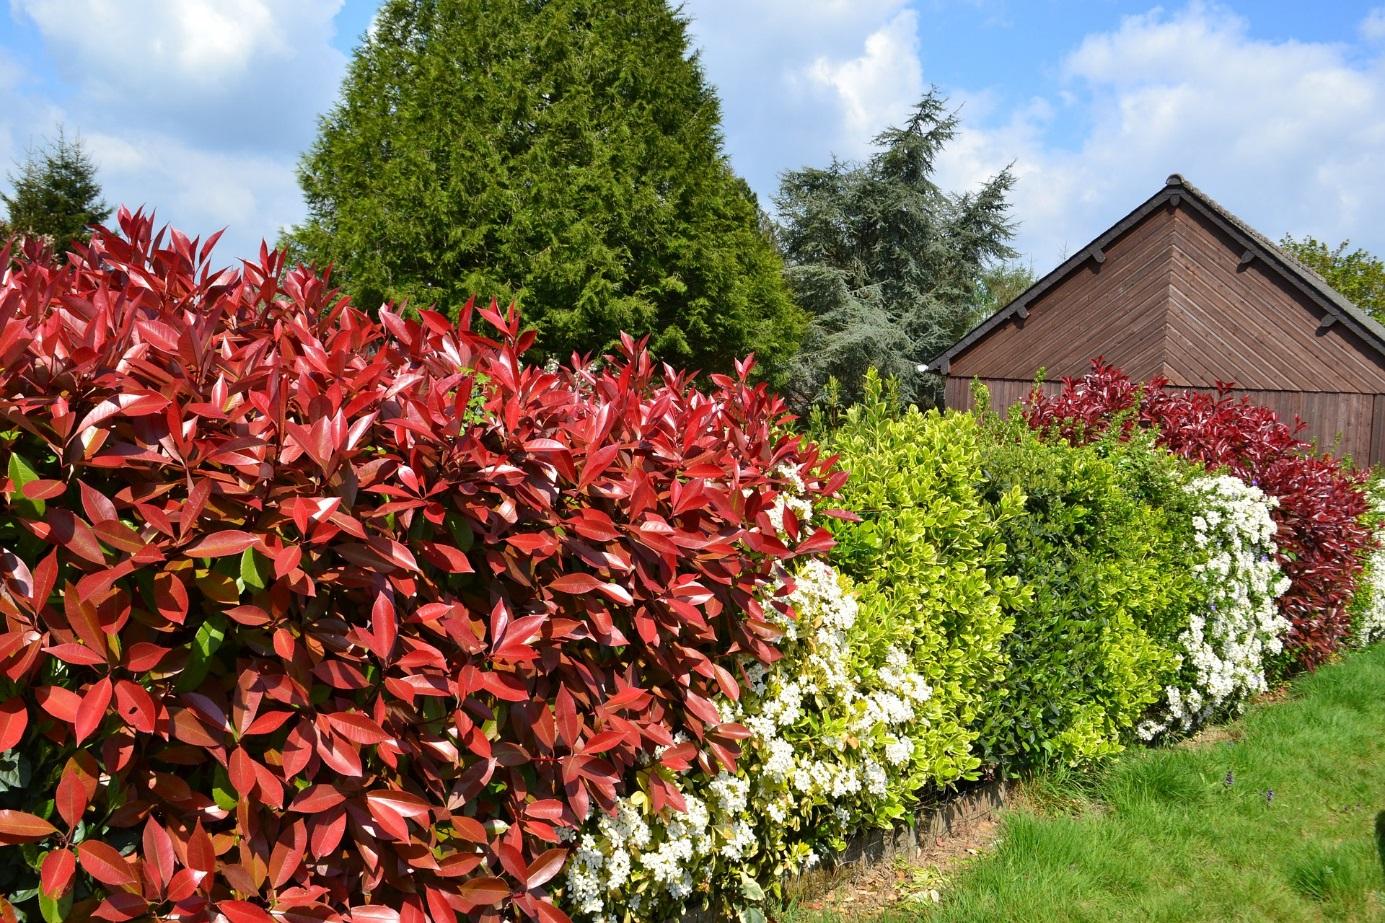 44 Façons De Se Cacher De Vos Voisins Au Jardin (Photos Et ... pour Cacher Vis A Vis Jardin